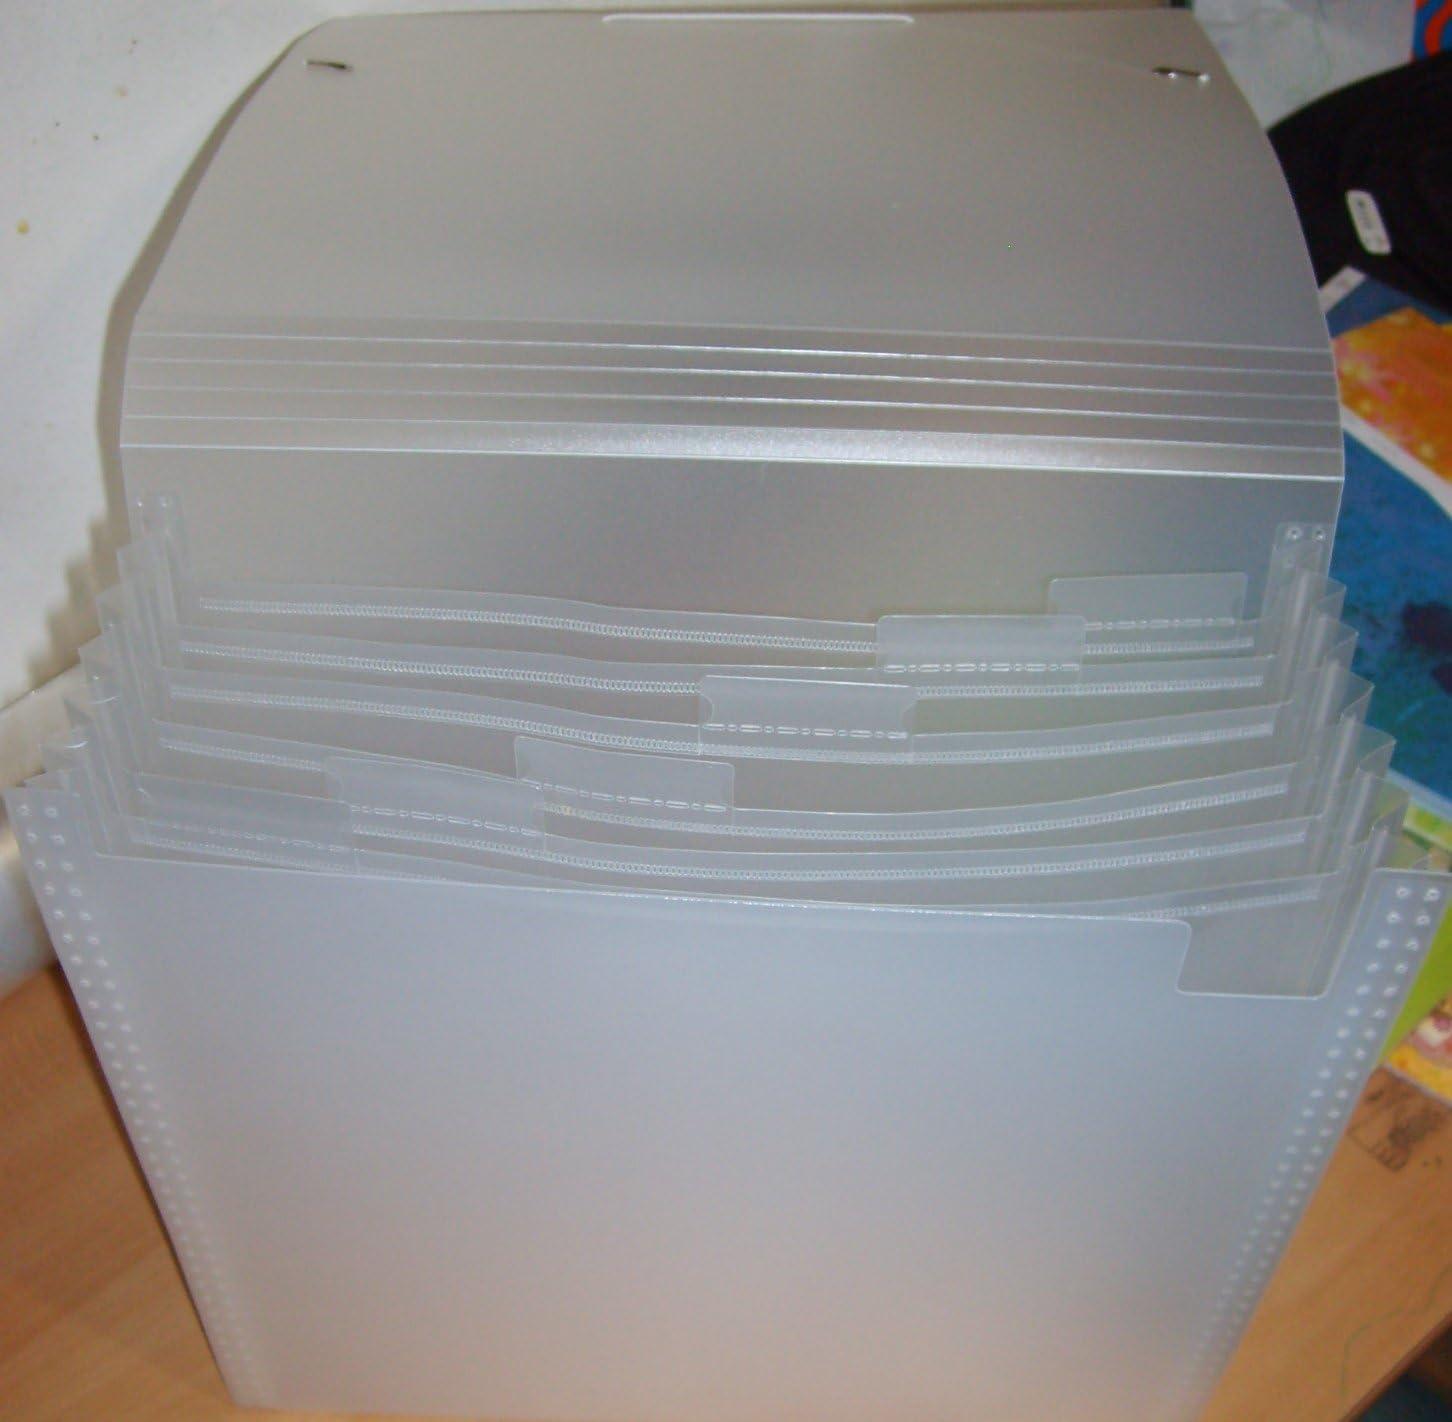 Rayher 7870500 - Cazadora para álbumes de Recortes (33 x 33 cm, 7 Compartimentos): Amazon.es: Hogar